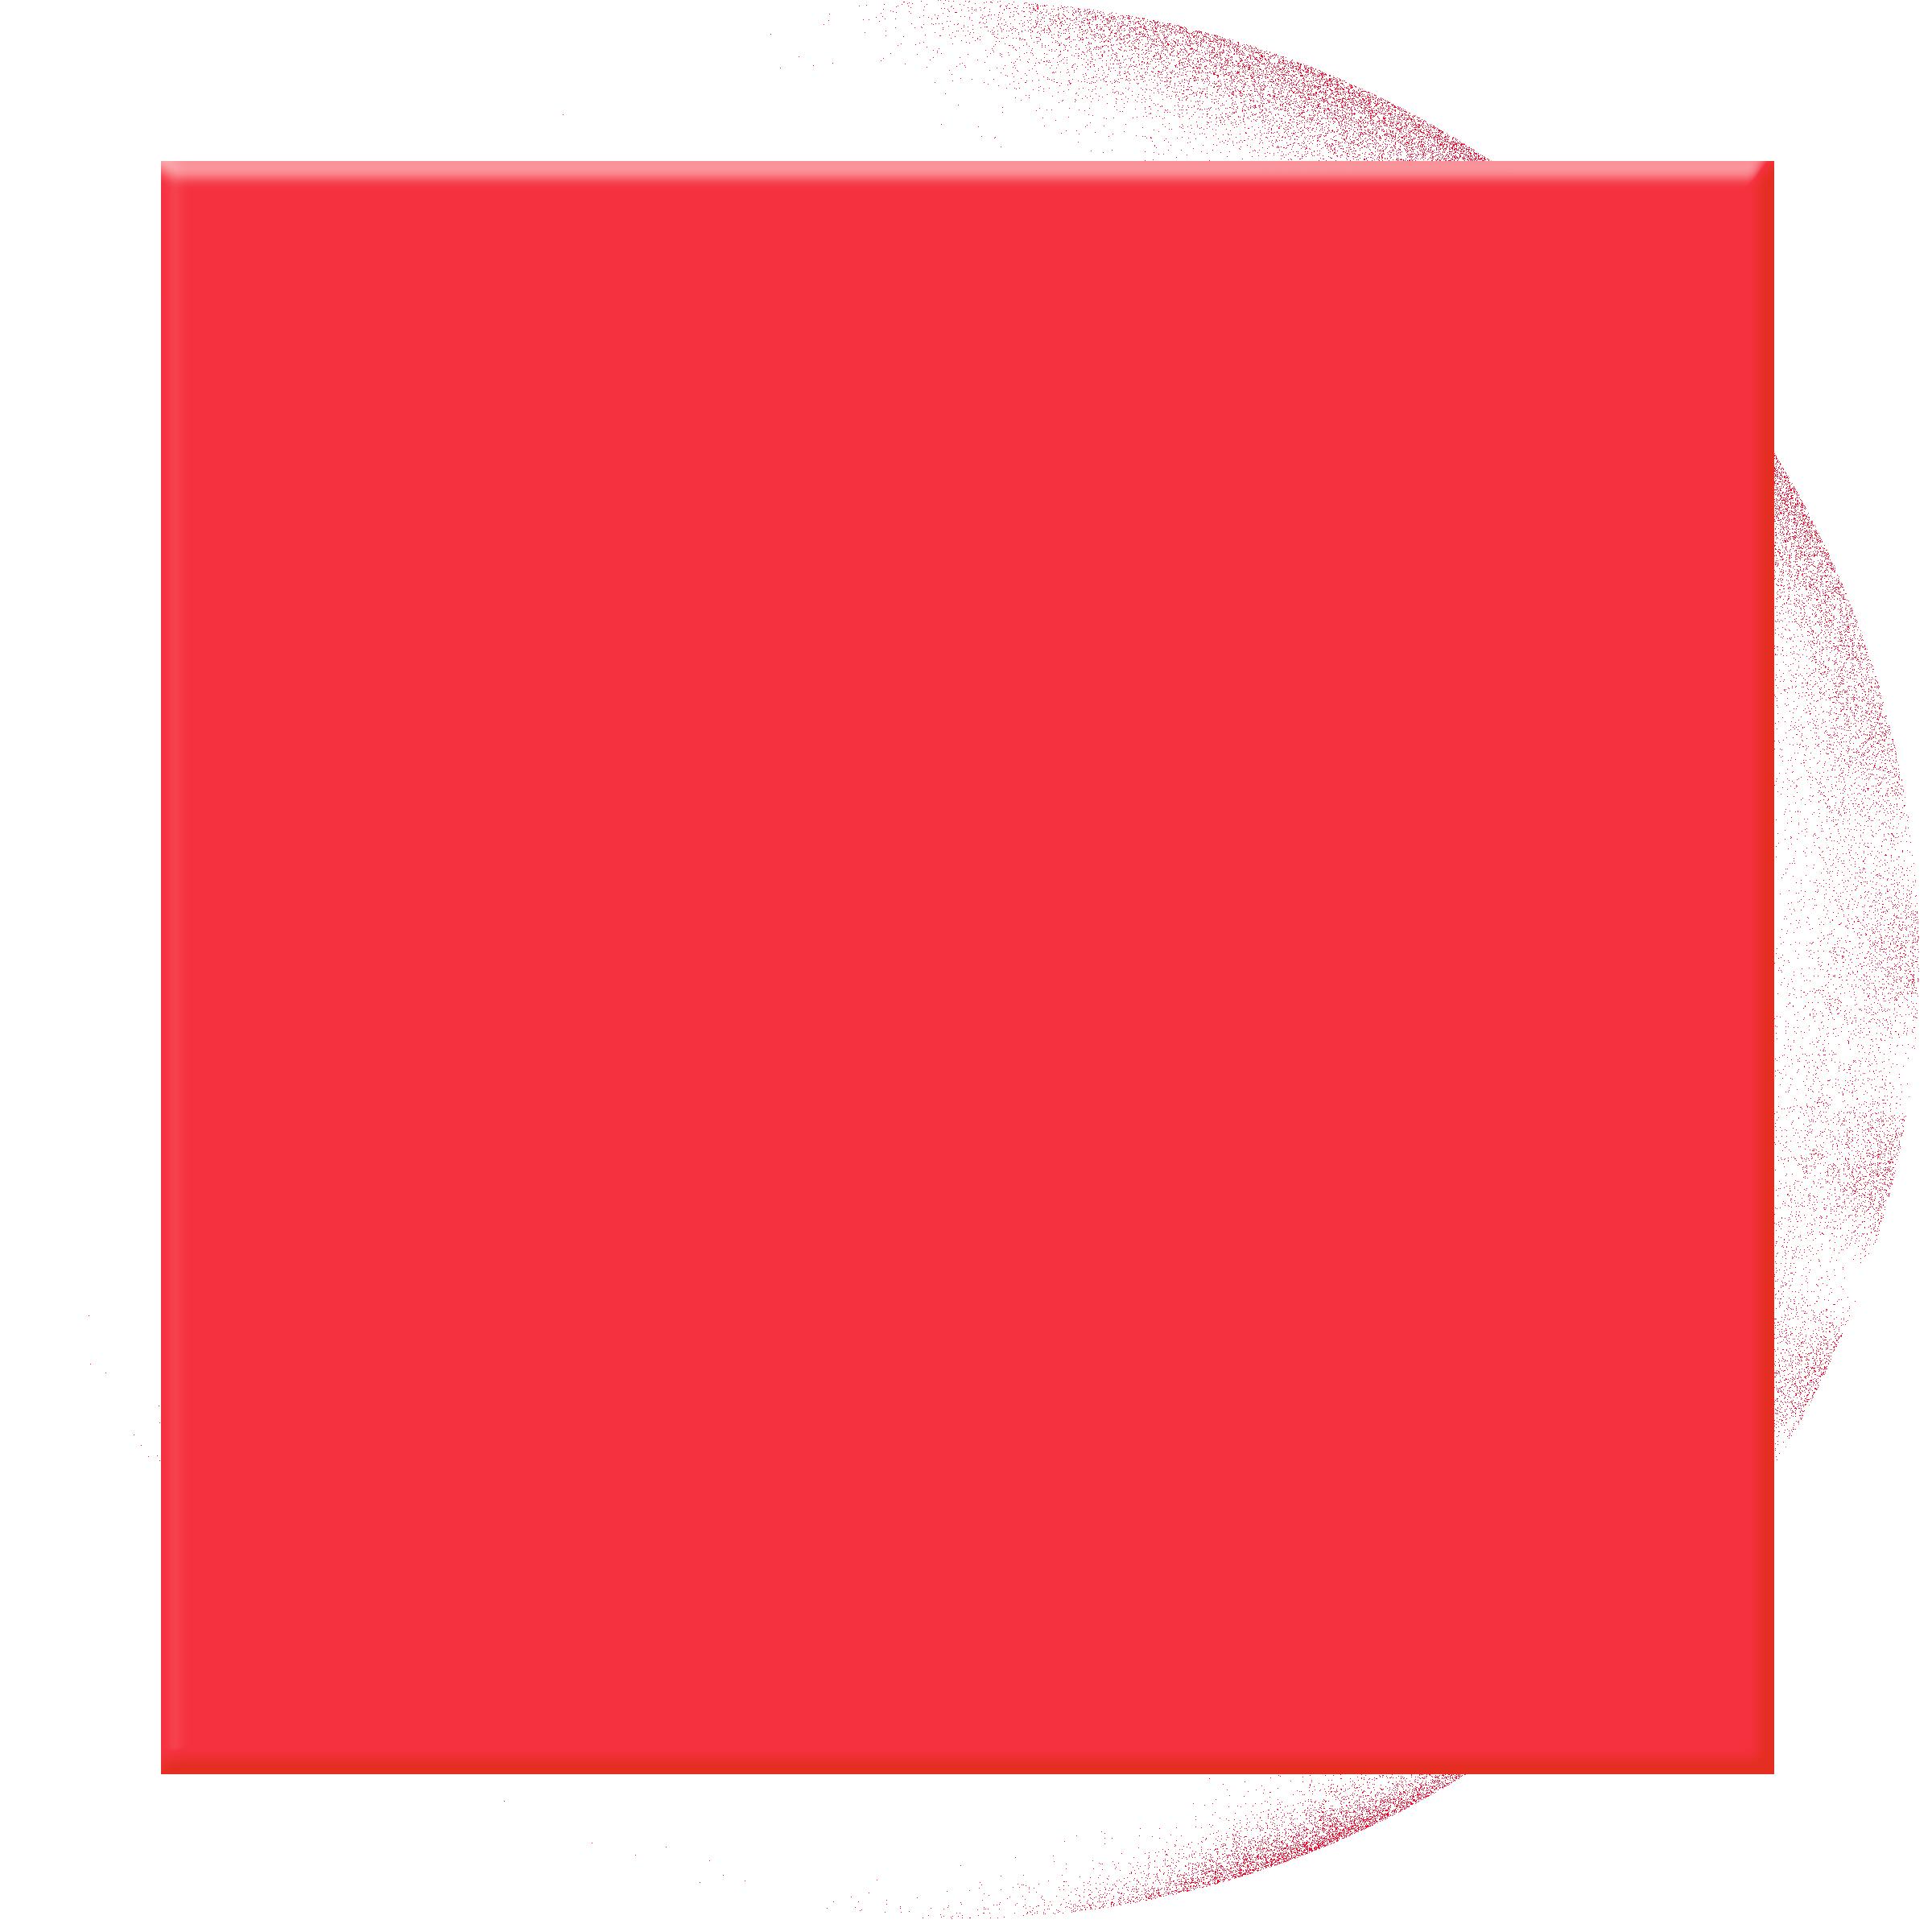 Square clipart colorful square. Png shape transparent images